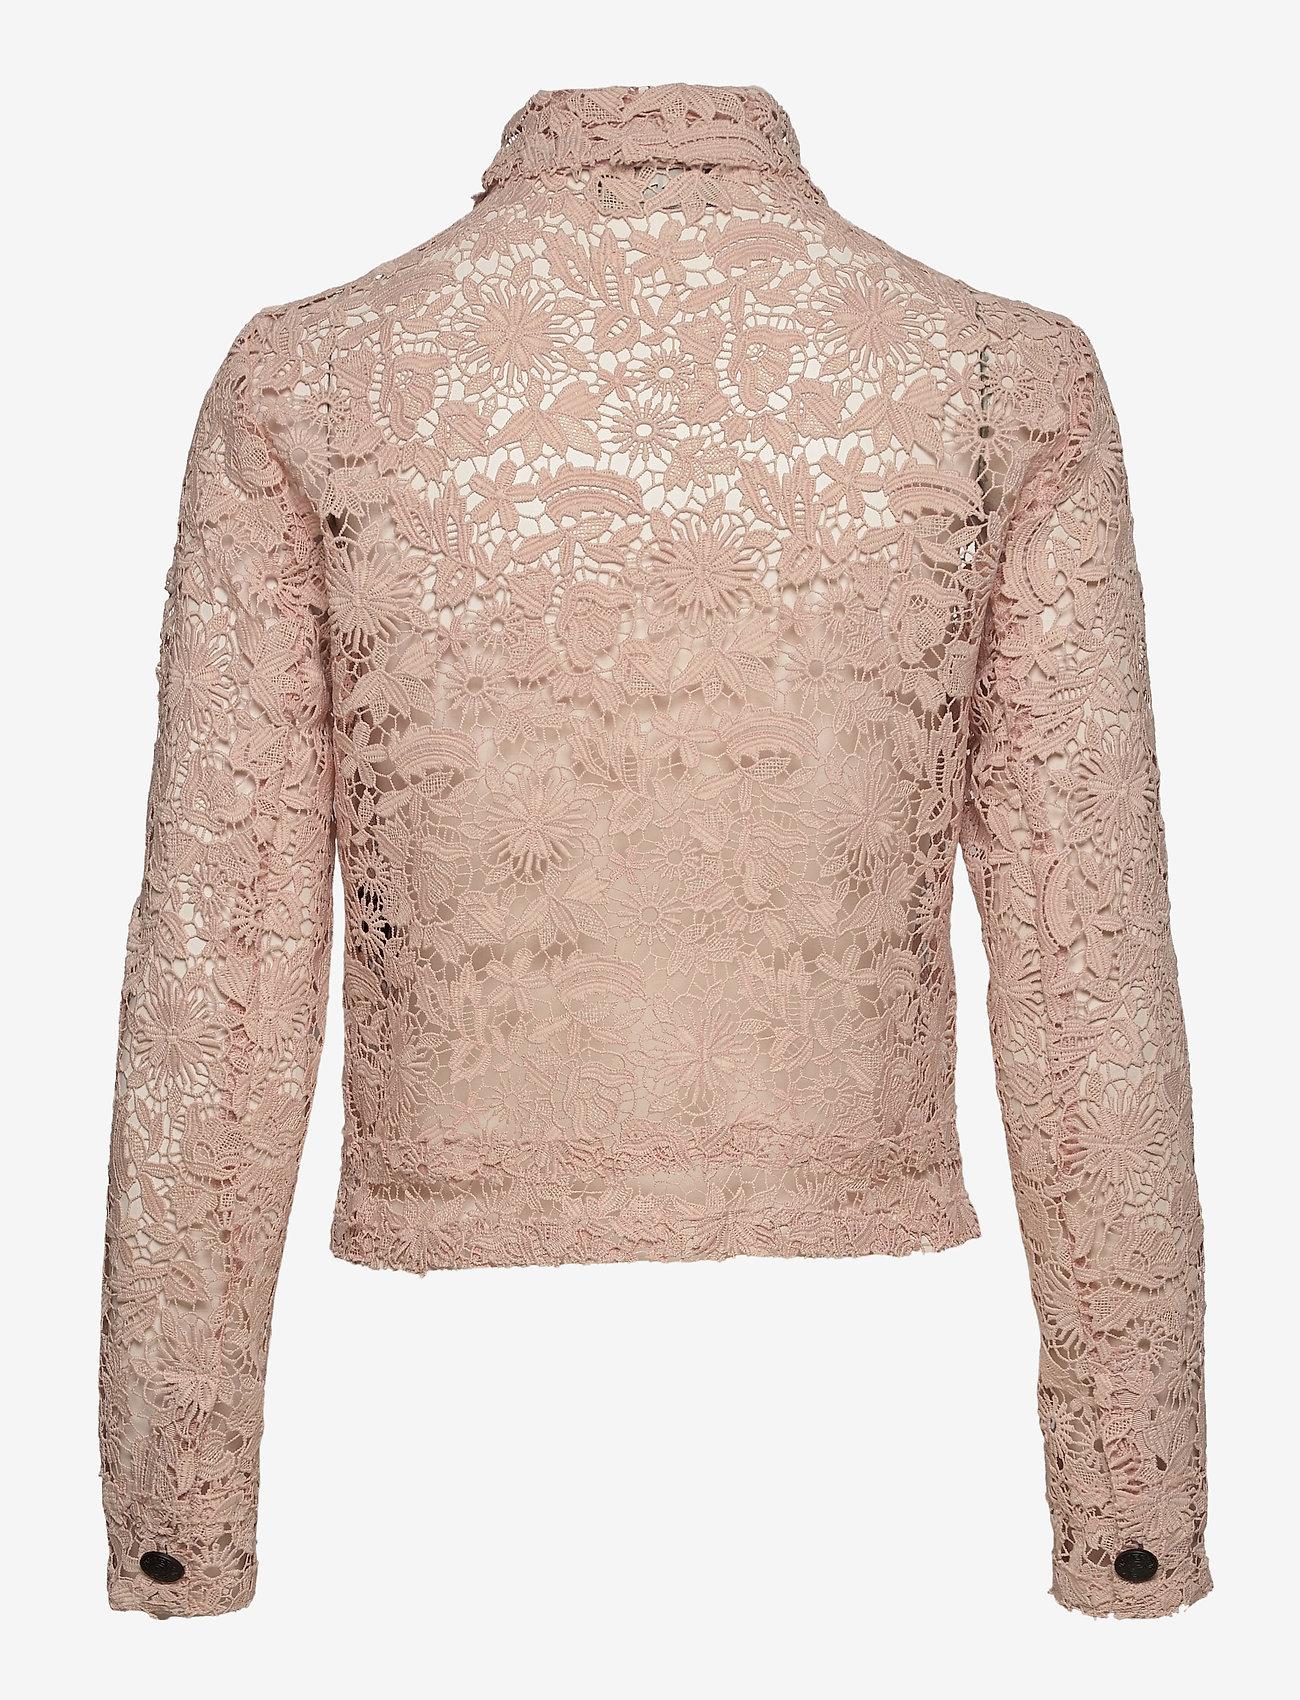 SAND - 3180 - Kaela - overhemden met lange mouwen - pink - 1